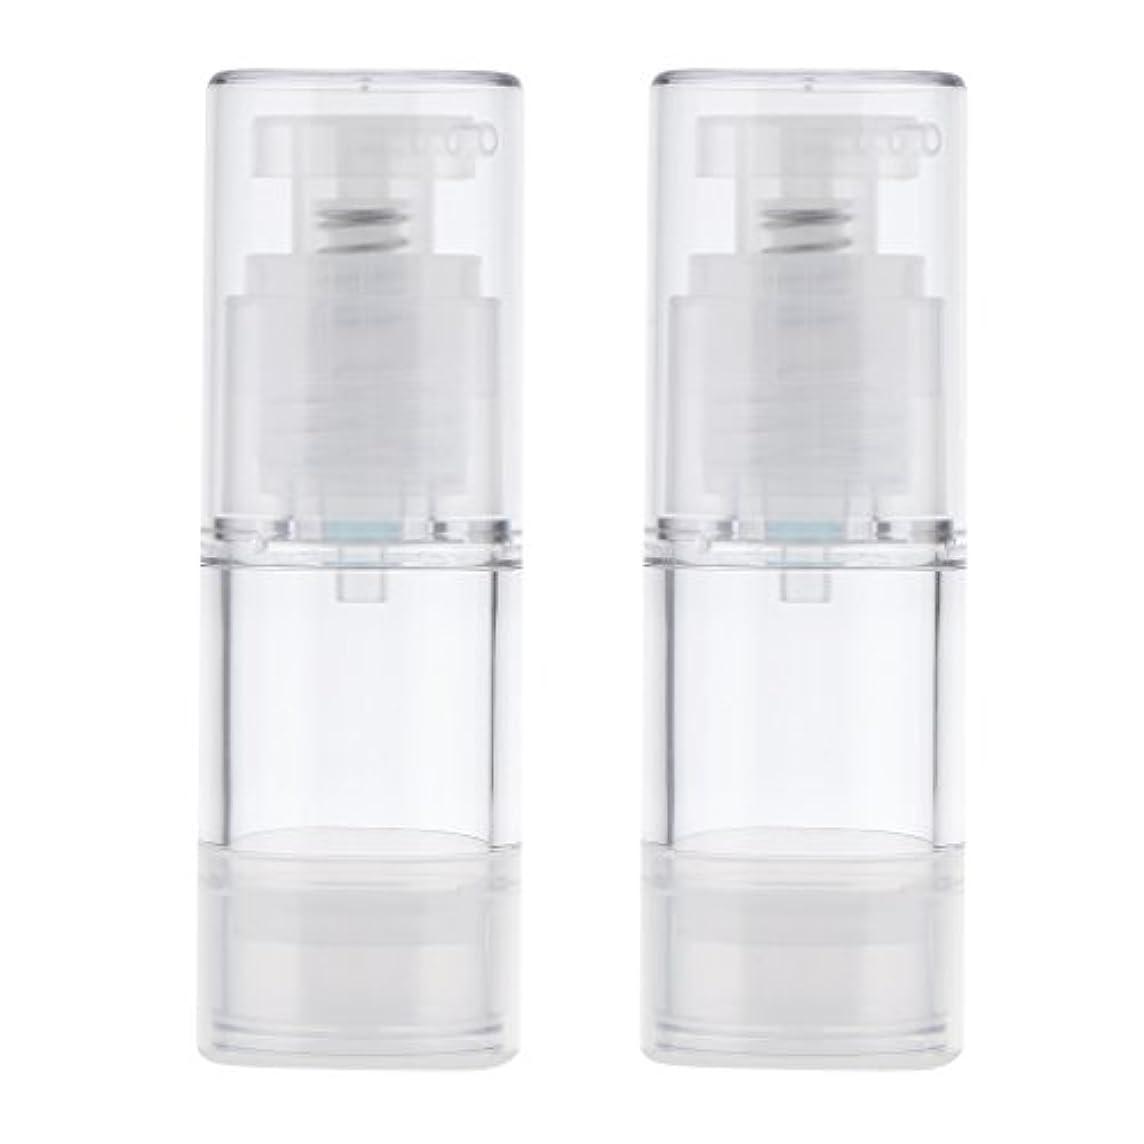 アイザック回転水陸両用2個 空ボトル ポンプボトル ローション コスメ ティック クリームボトル エアレスポンプディスペンサー 3サイズ選べる - 15ml